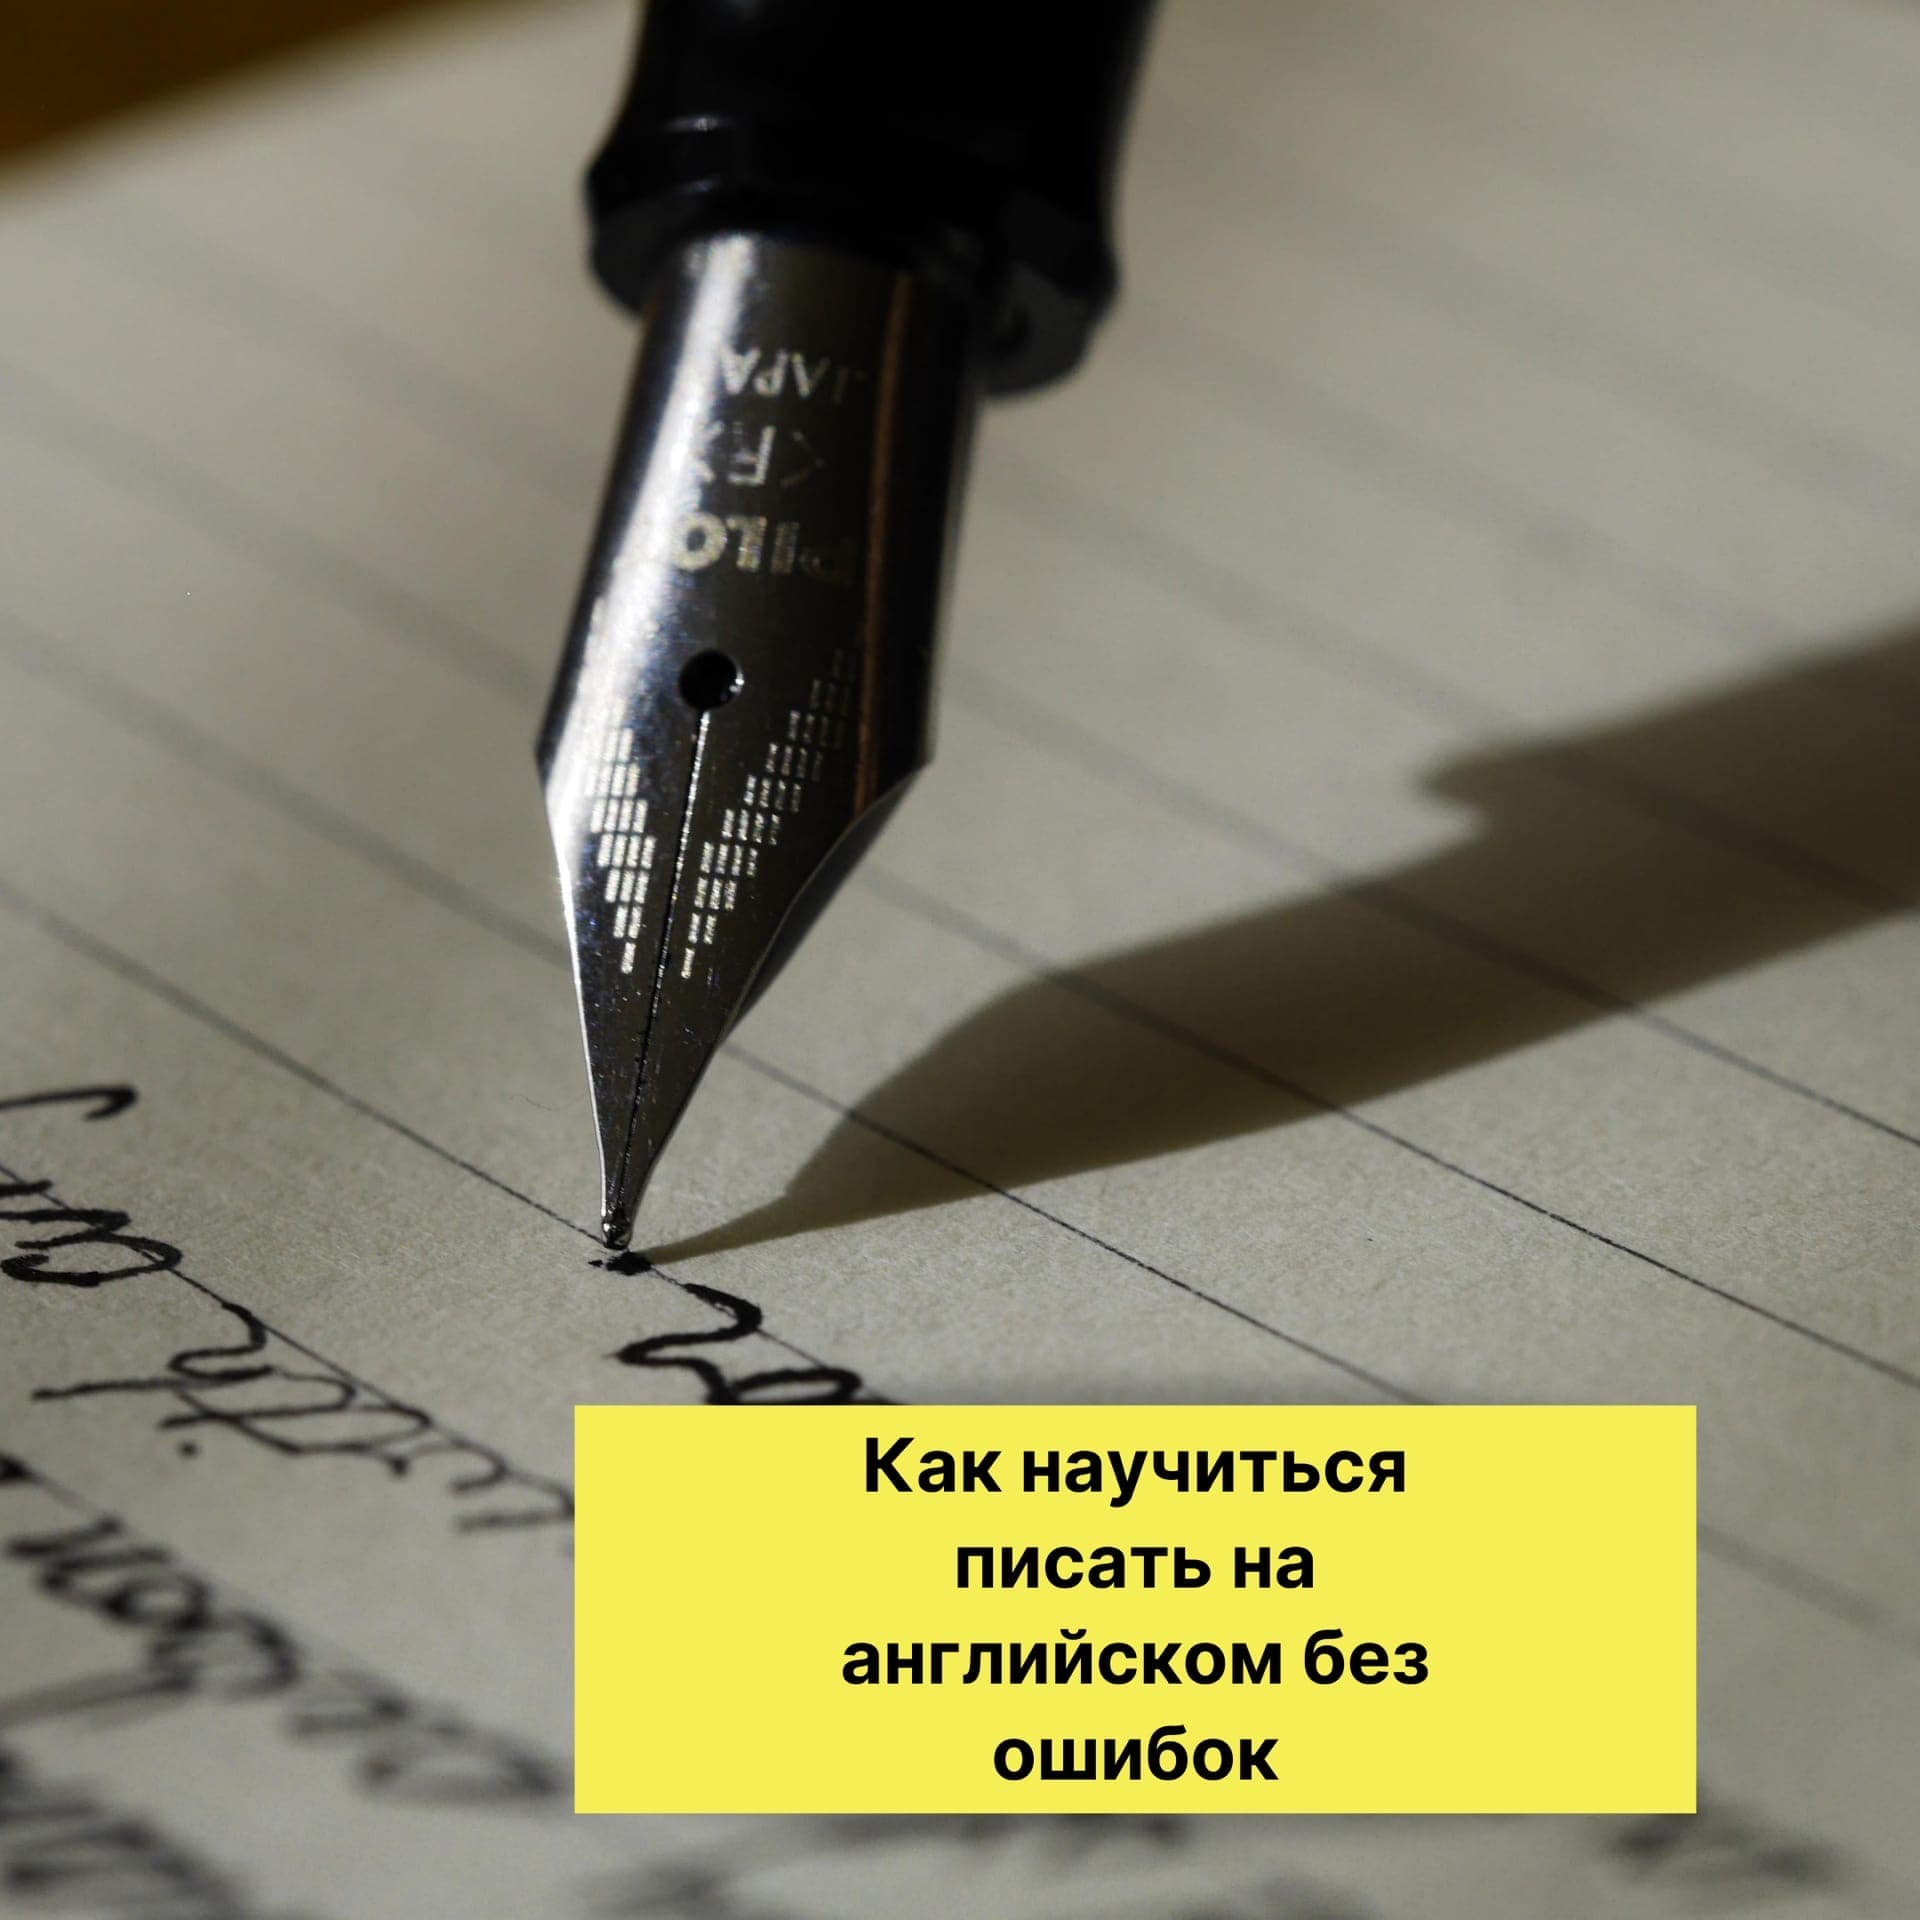 Как научиться писать по-английски без ошибок?